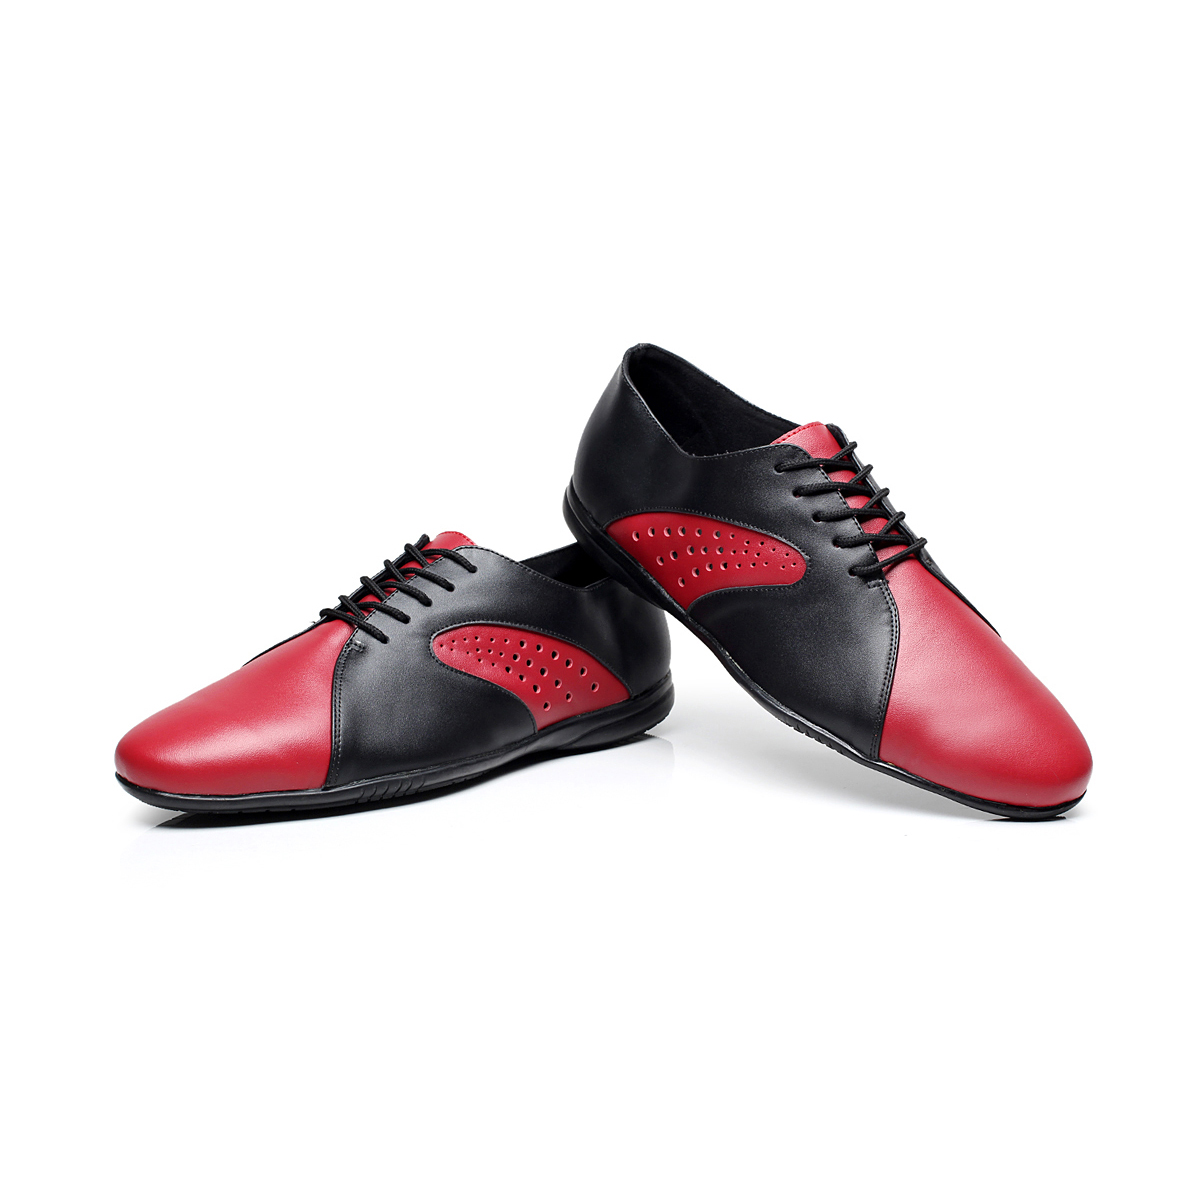 Chaussures de danse latine pour hommes en cuir véritable semelle en caoutchouc mâle noir rouge carré chaussures latines talon plat Standard chaussures de danse moderne 1605